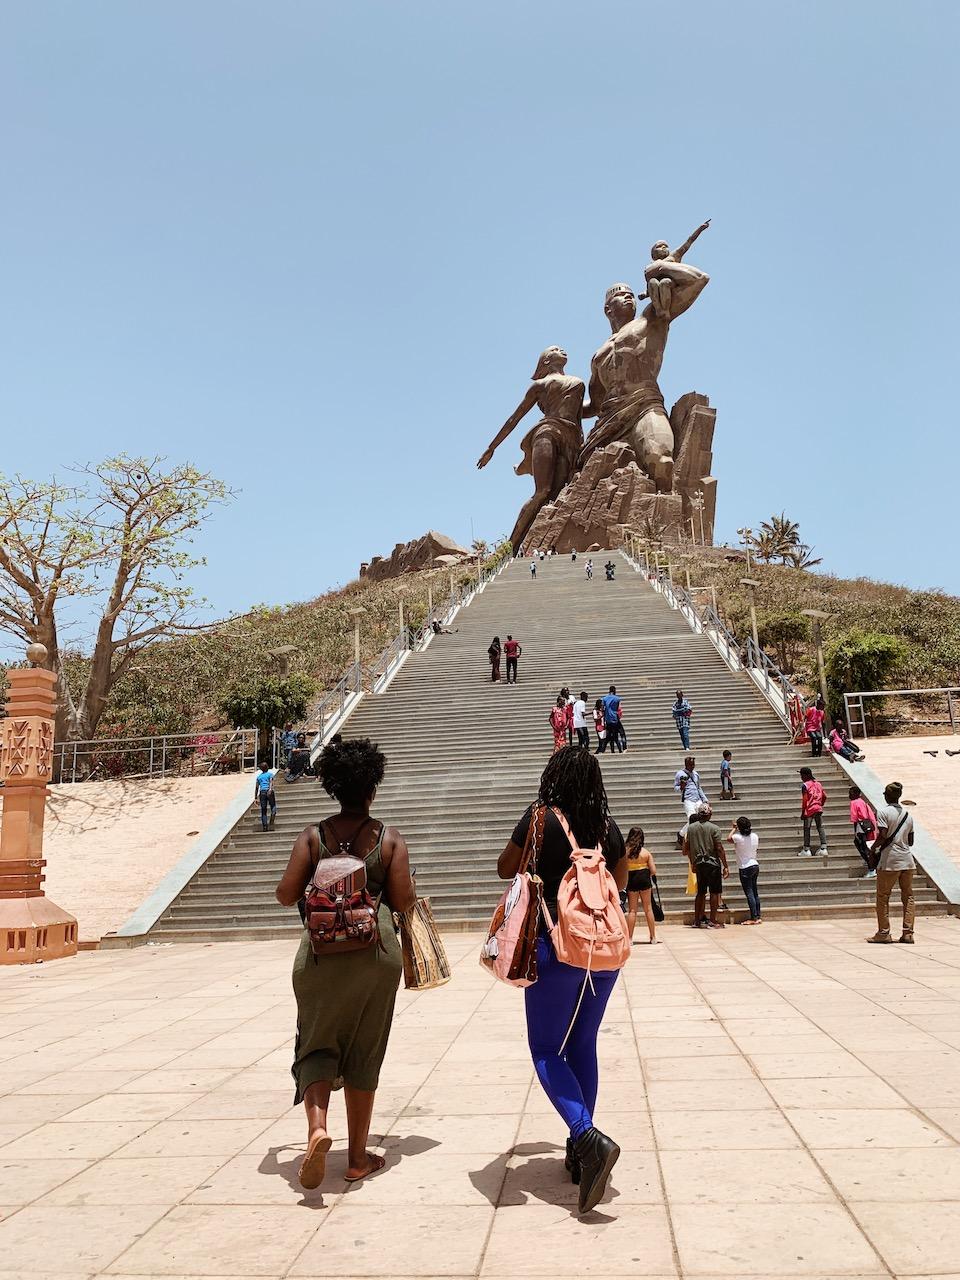 Dakar_Monument_Renissance_Ternaga Retreat.JPG